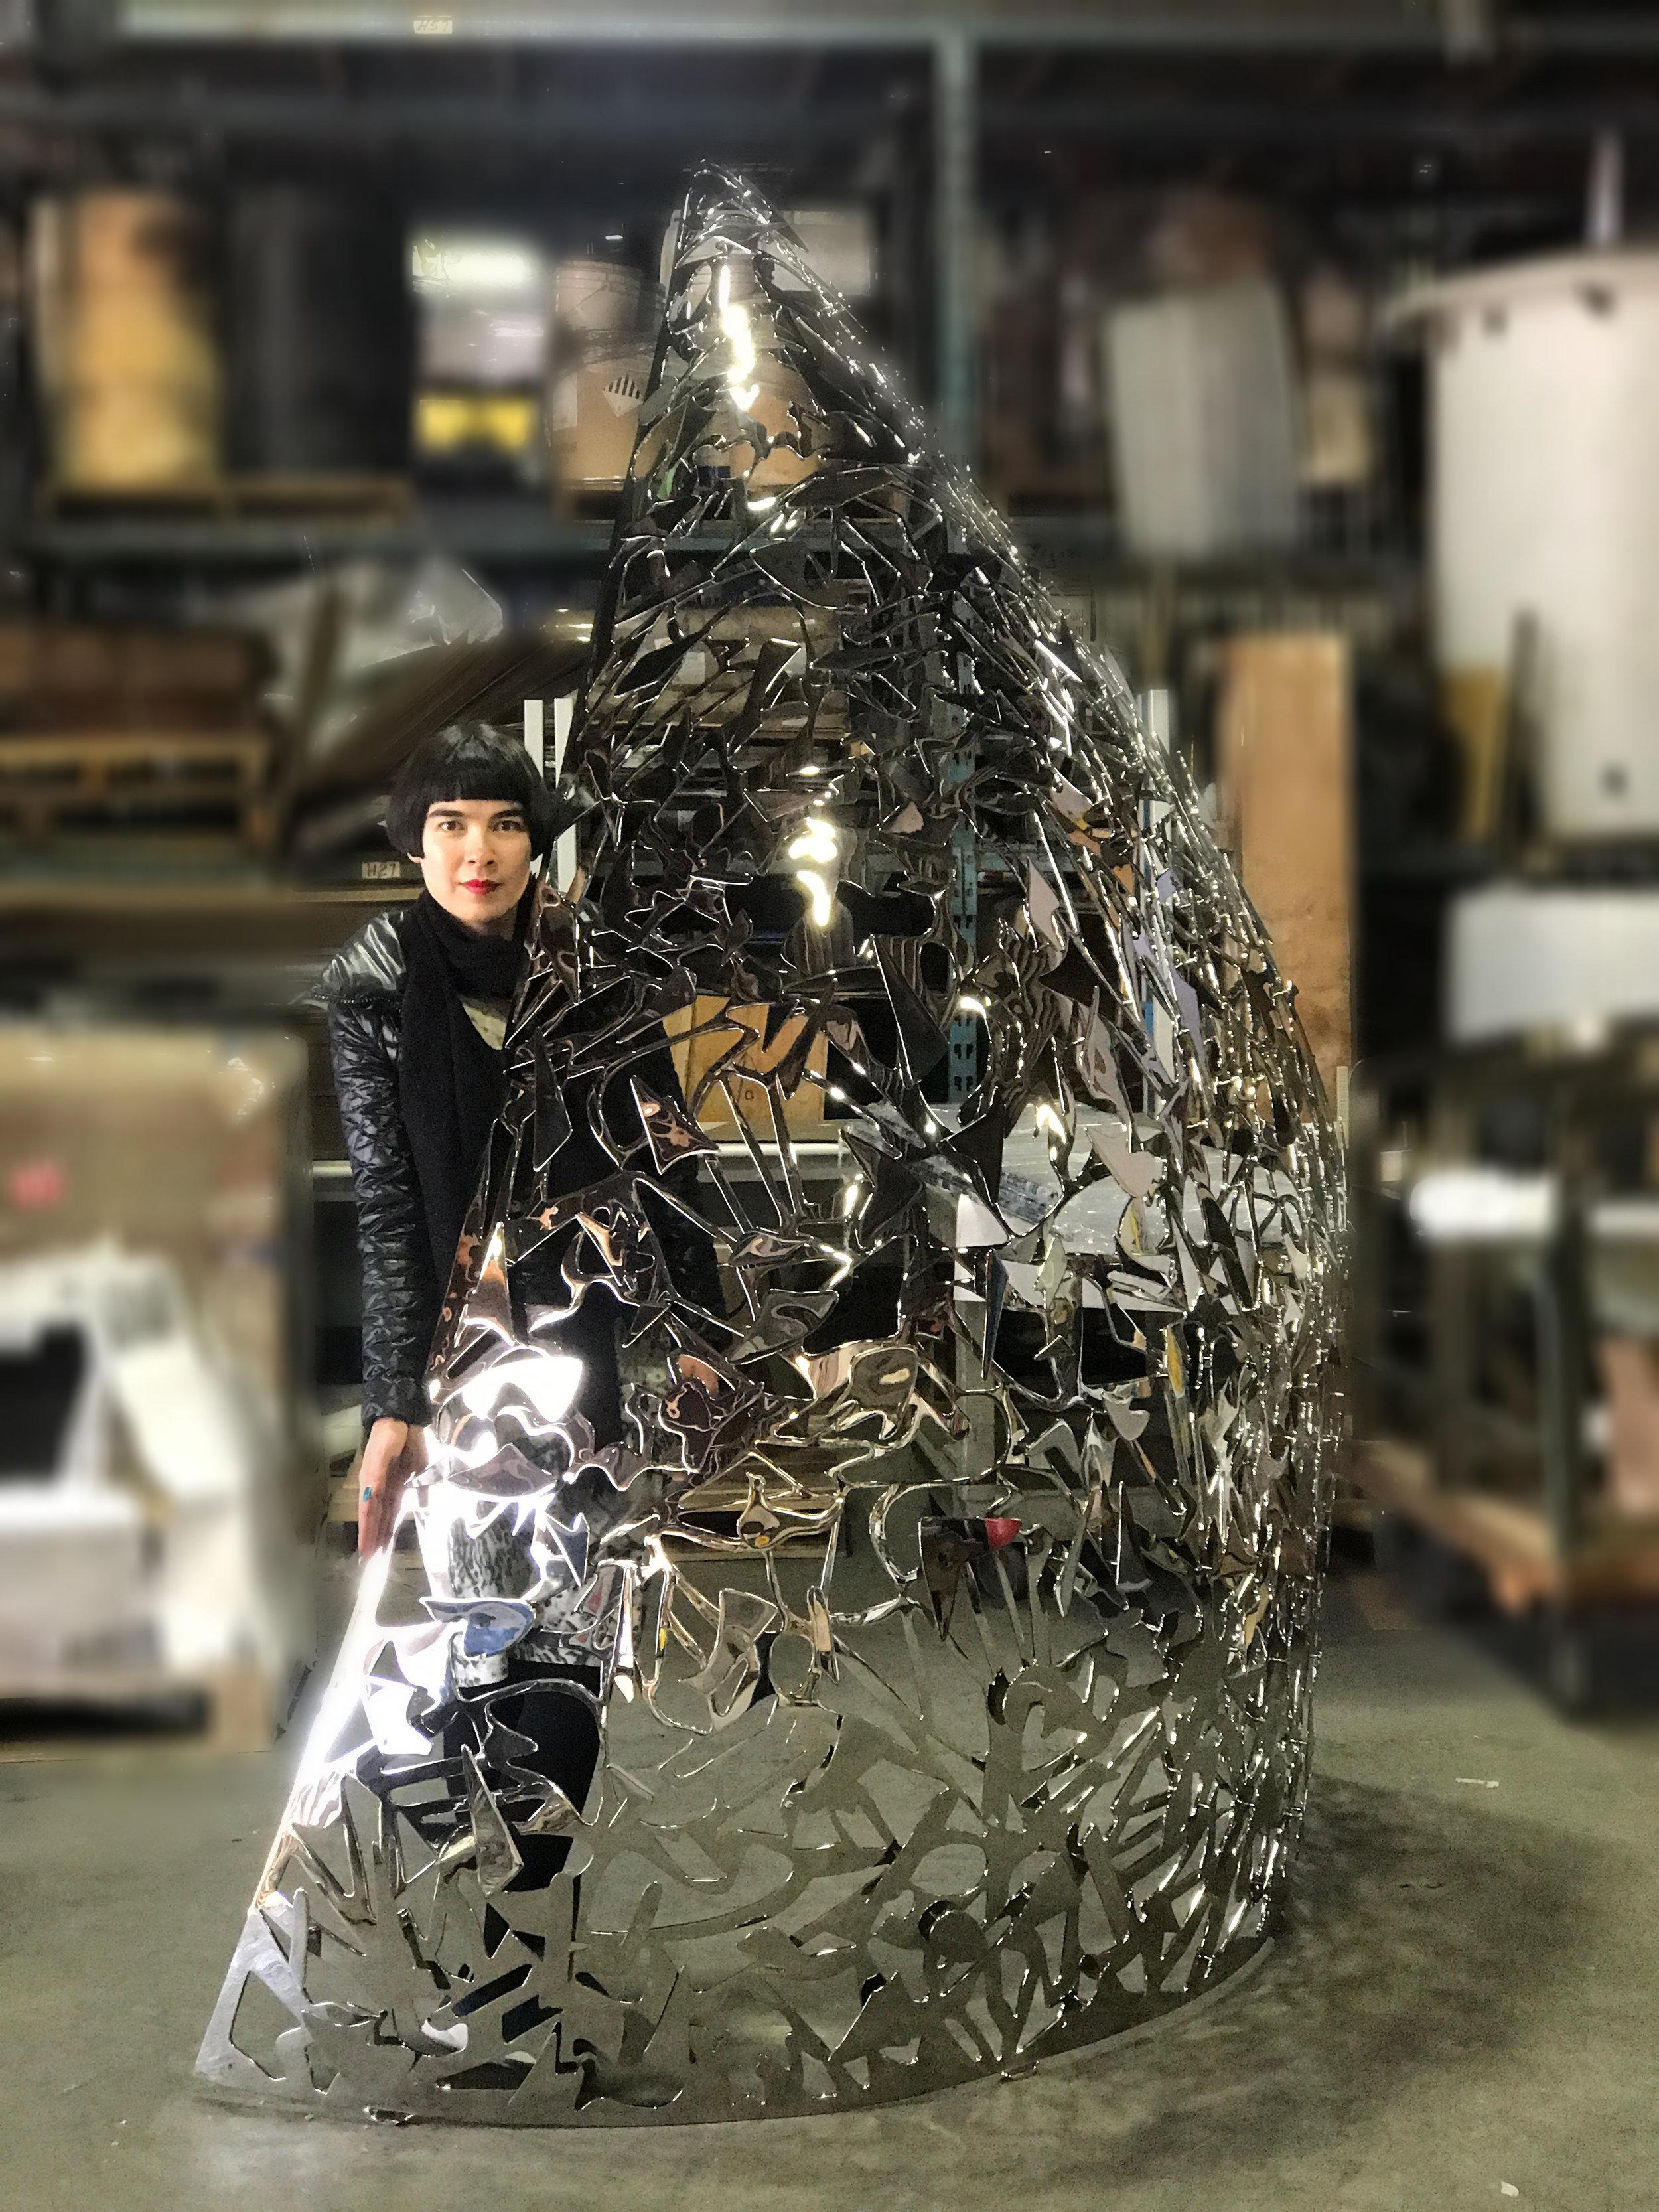 Drue_Kataoka_sculpture_1.JPG